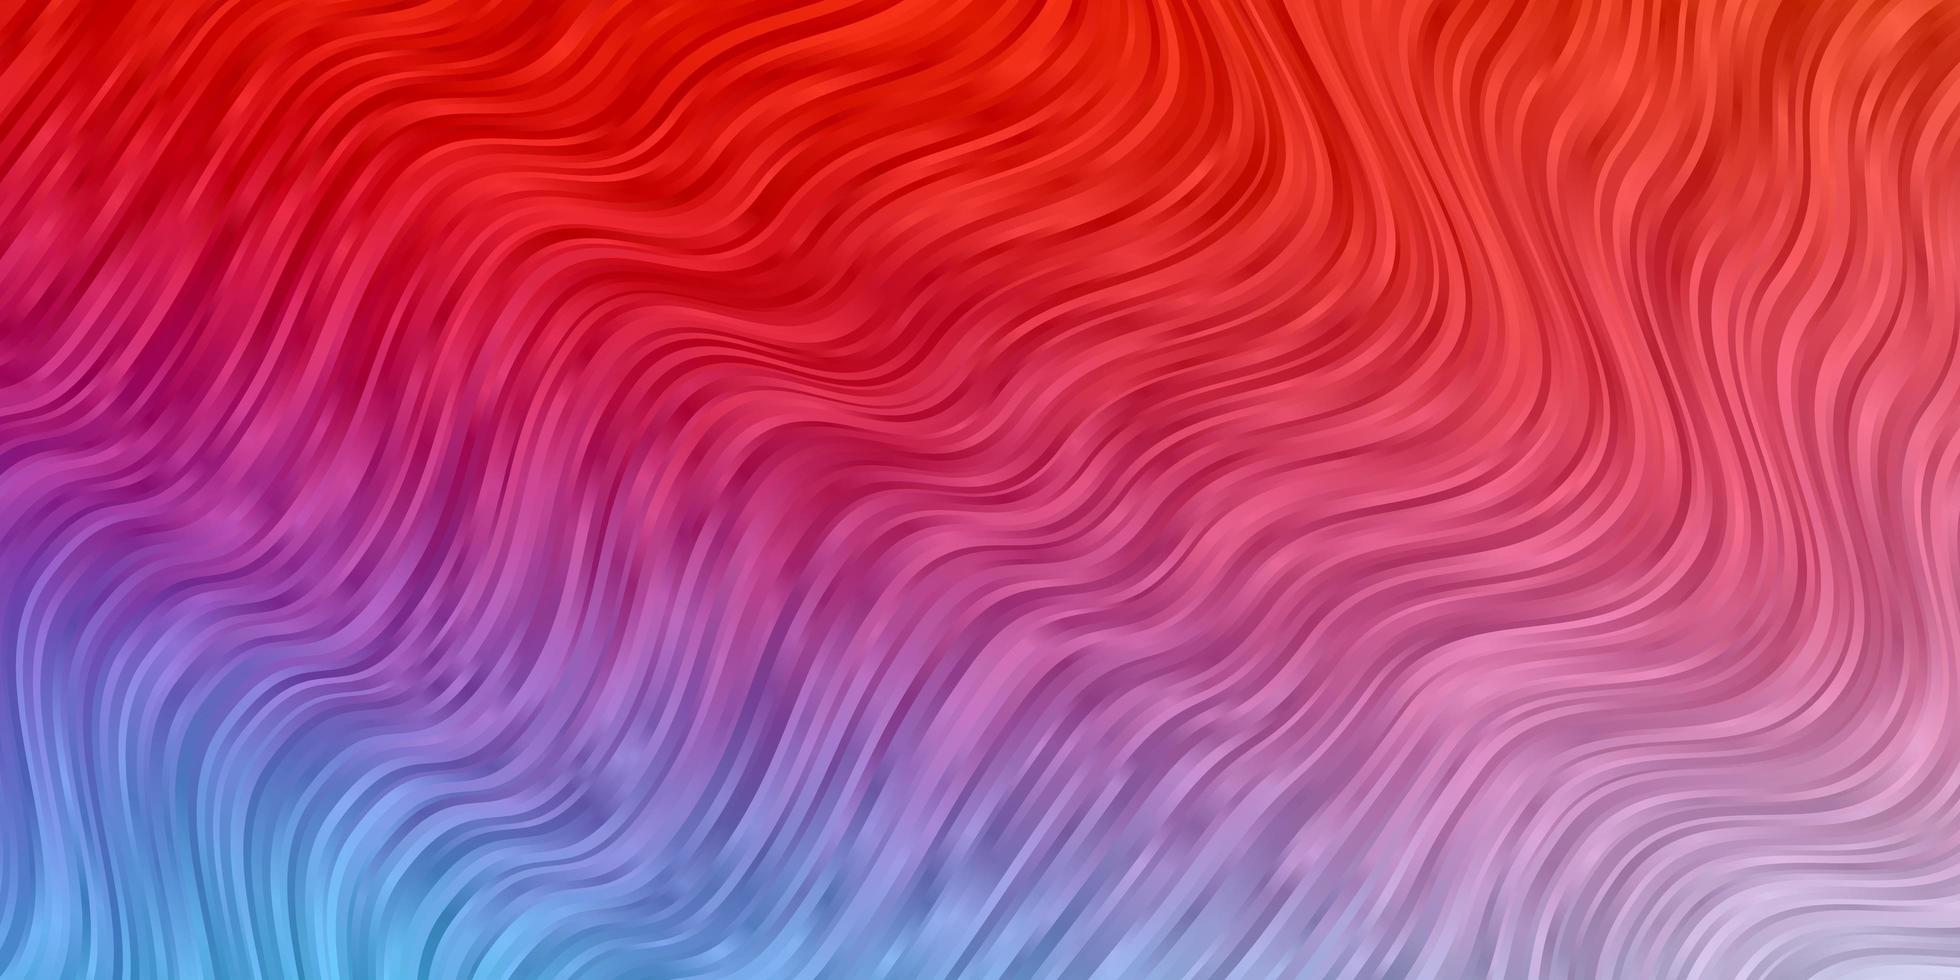 sfondo blu e rosso con linee piegate. vettore